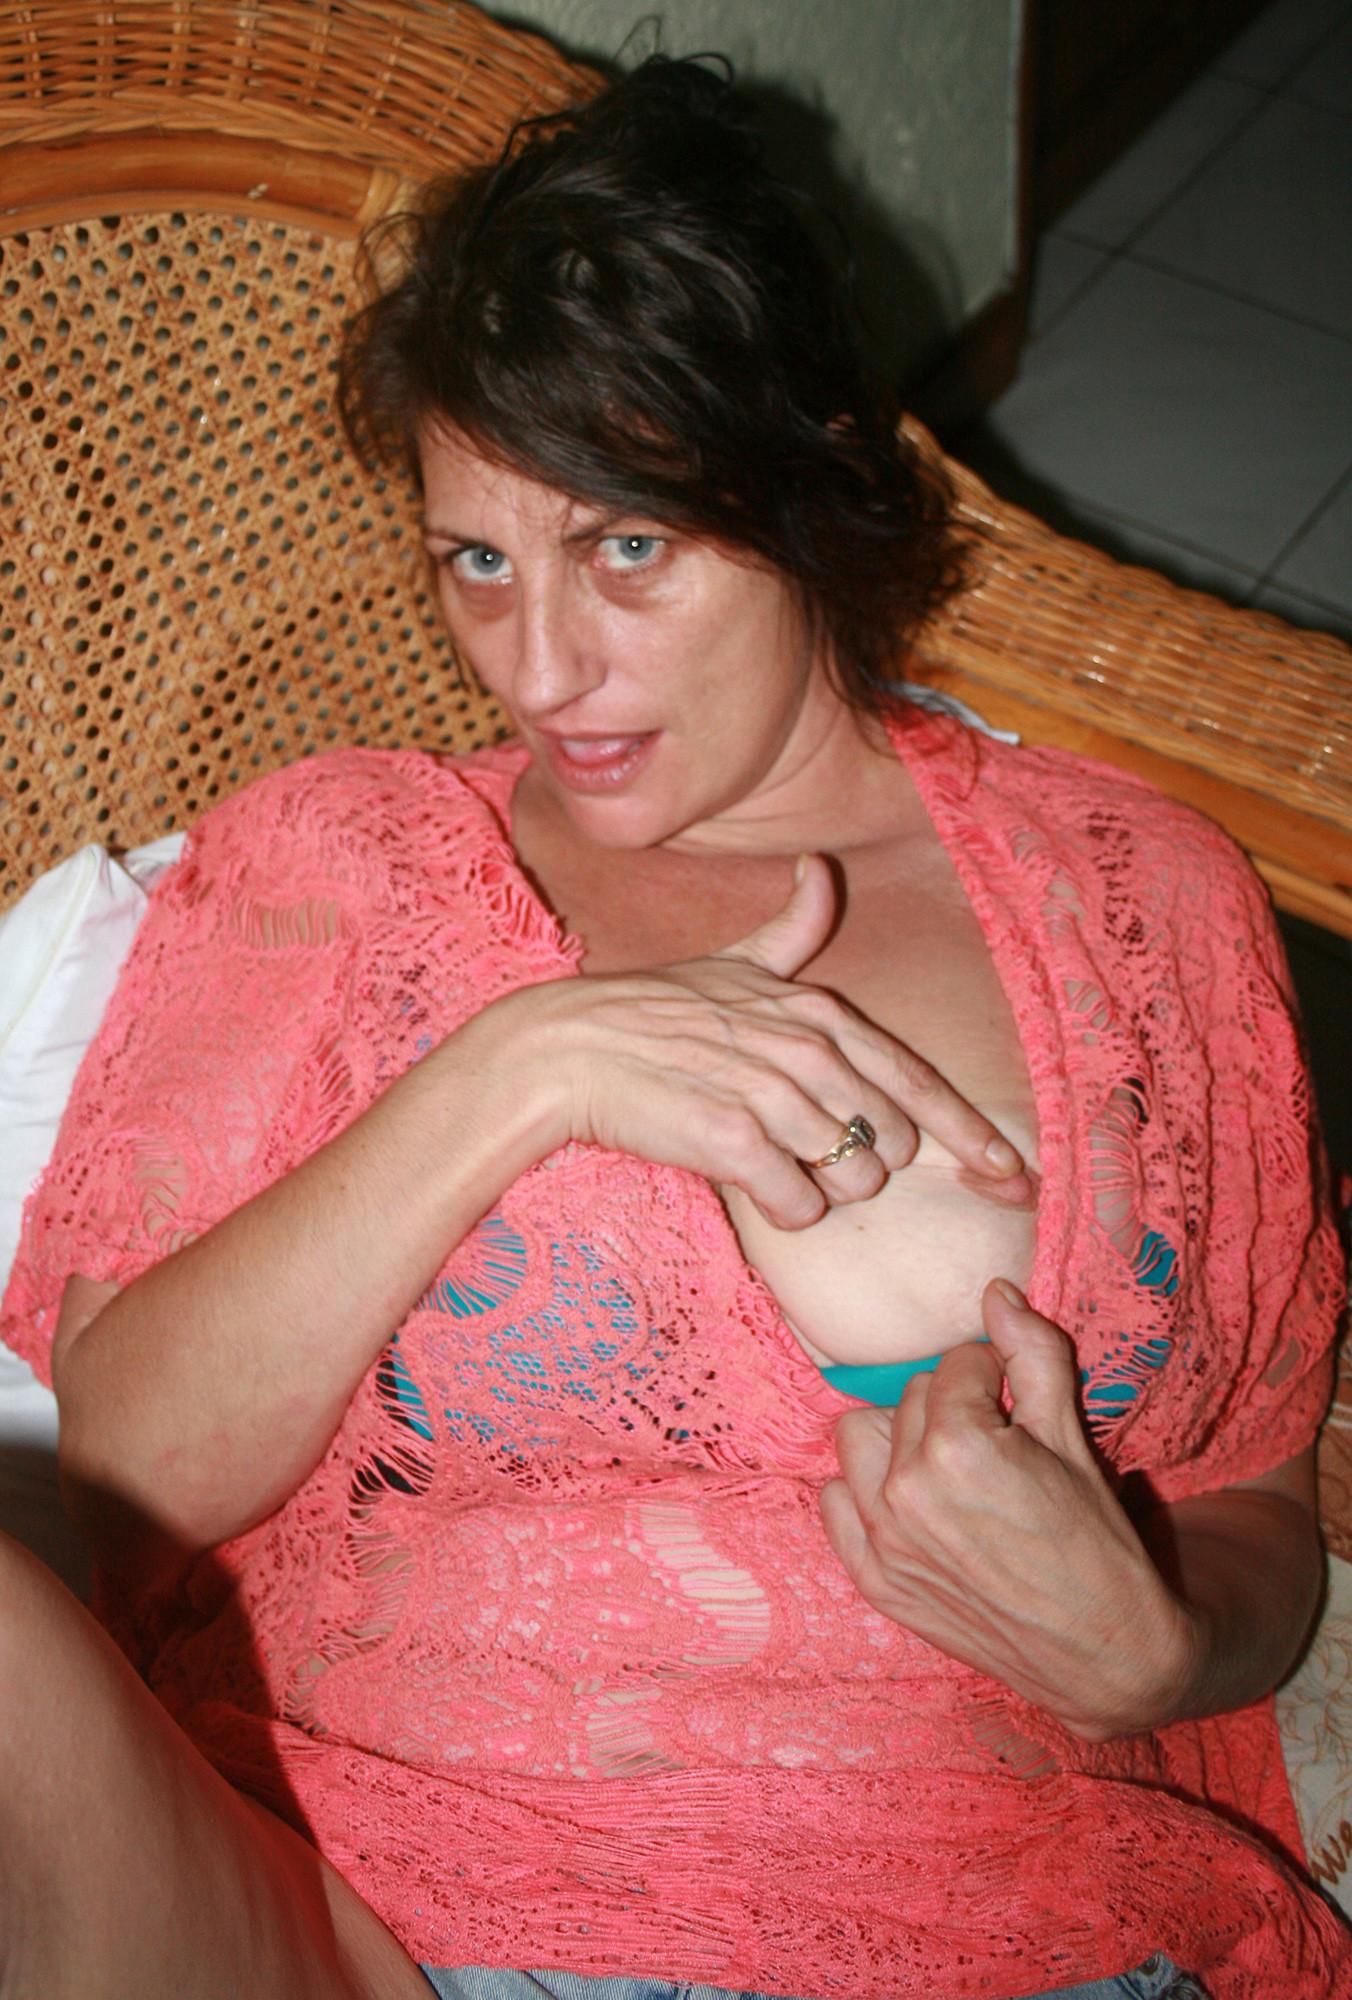 42-летняя австралийка сходит с ума без секса